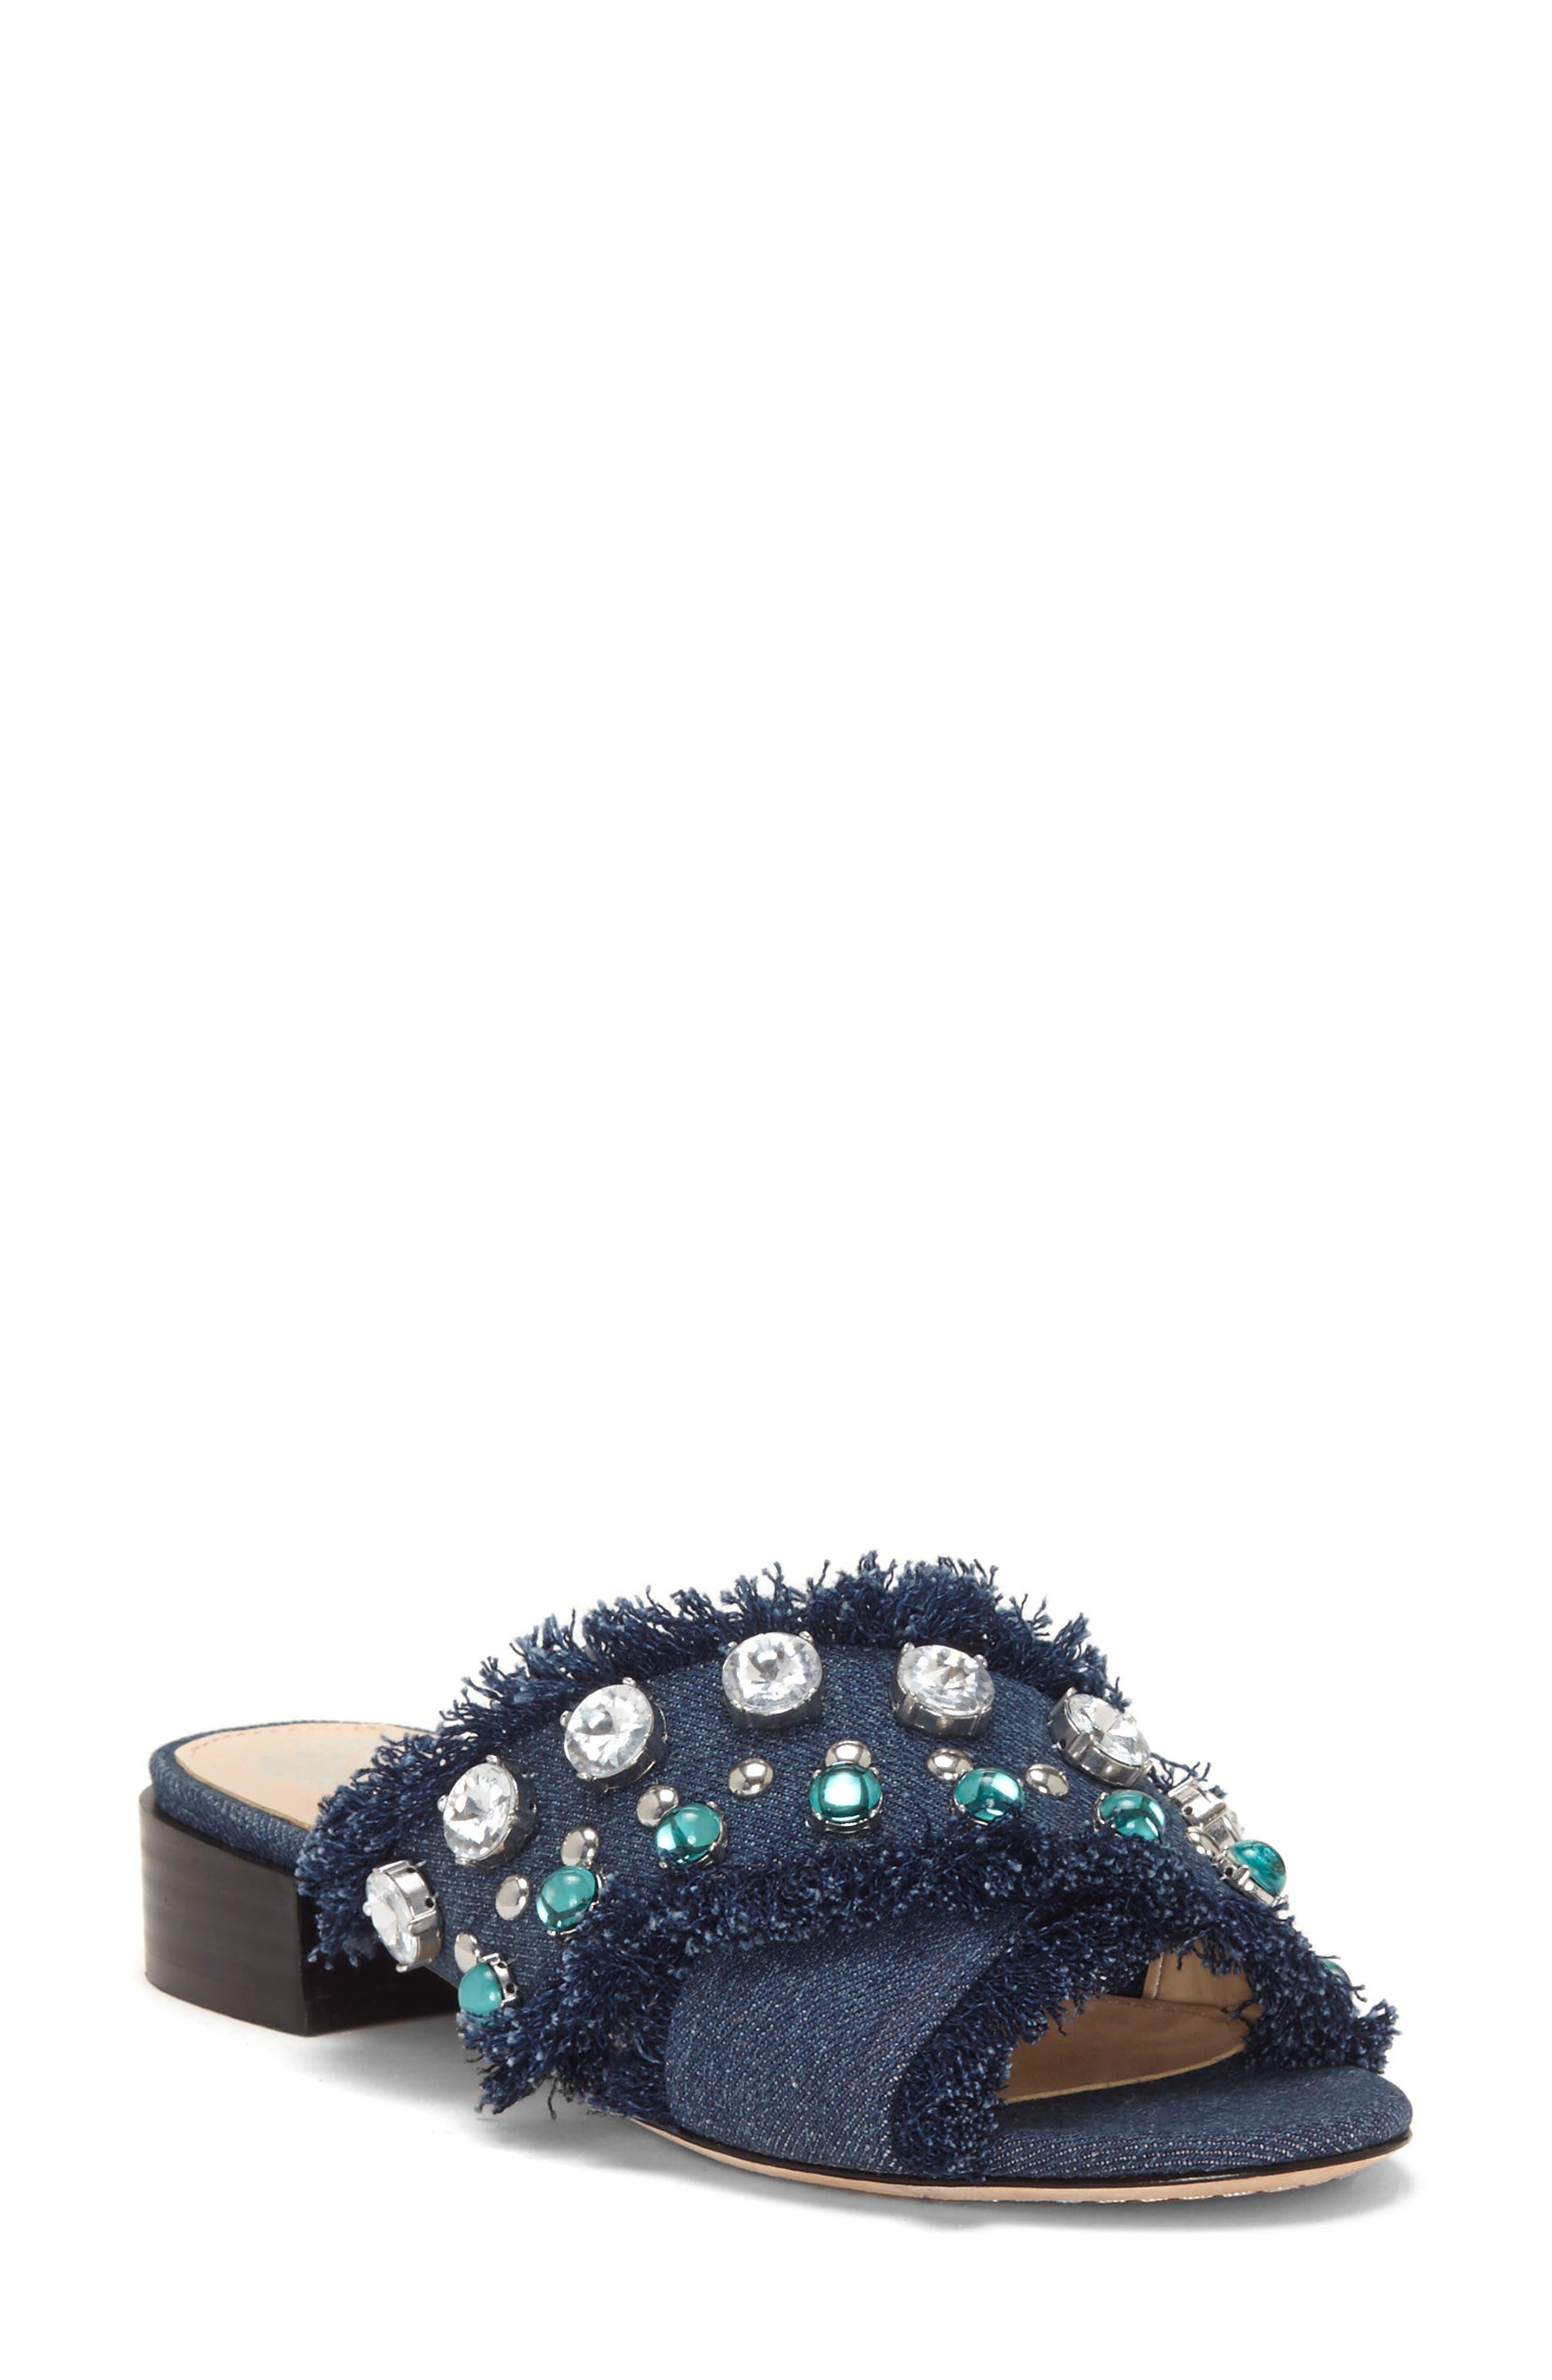 Noritta Slide Sandal,                         Main,                         color, Denim